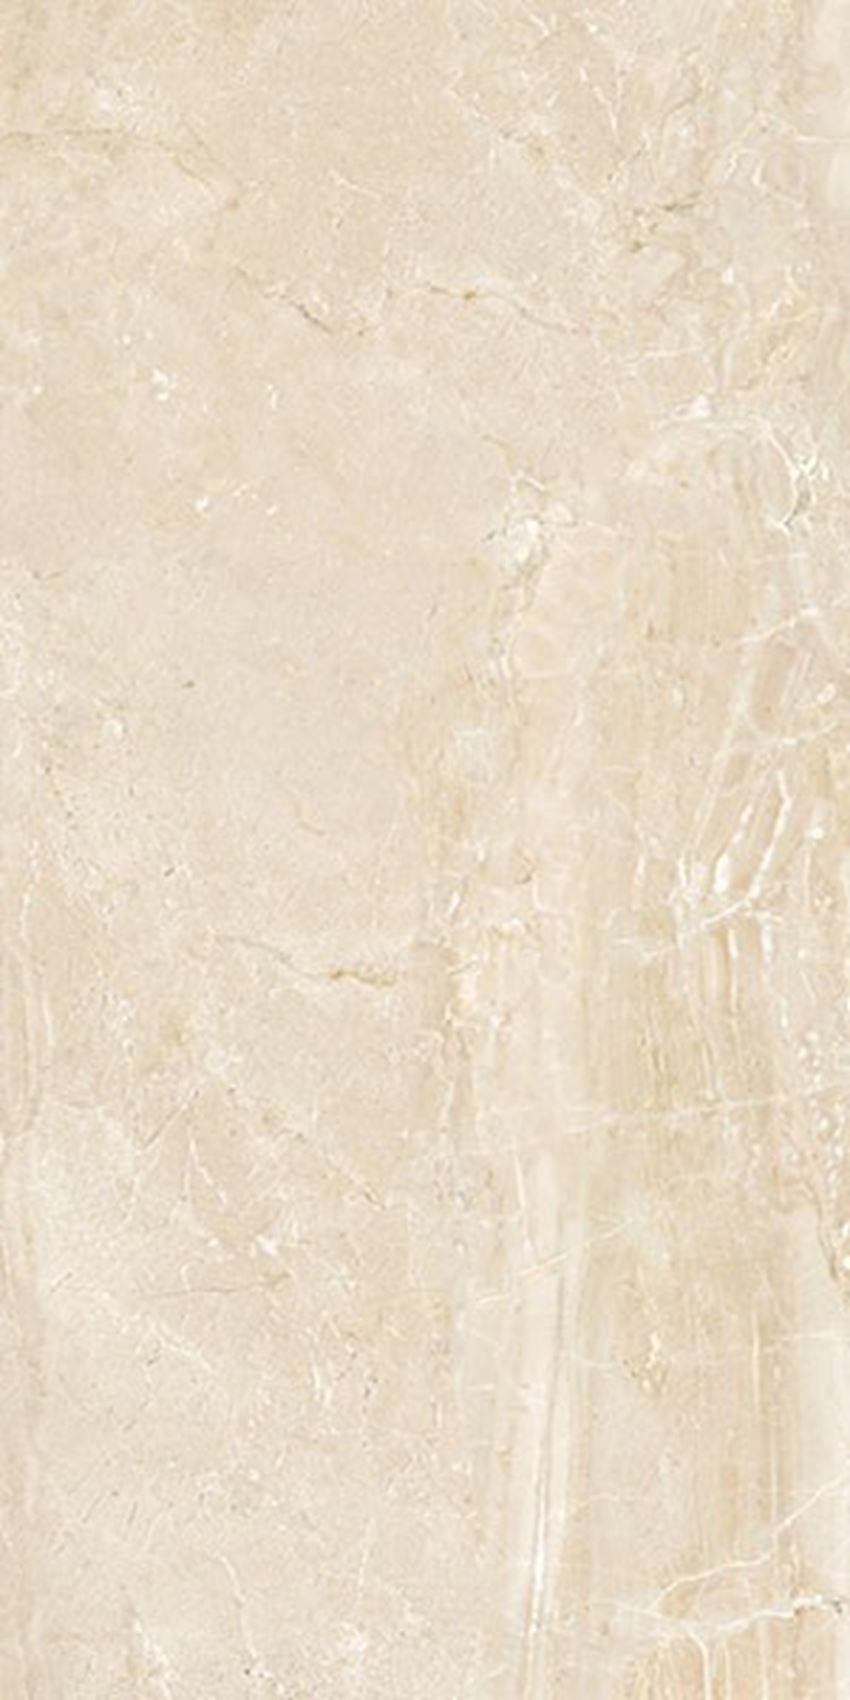 Płytka ścienno-podłogowa 29,7x59,7 cm Nowa Gala Golden Beige